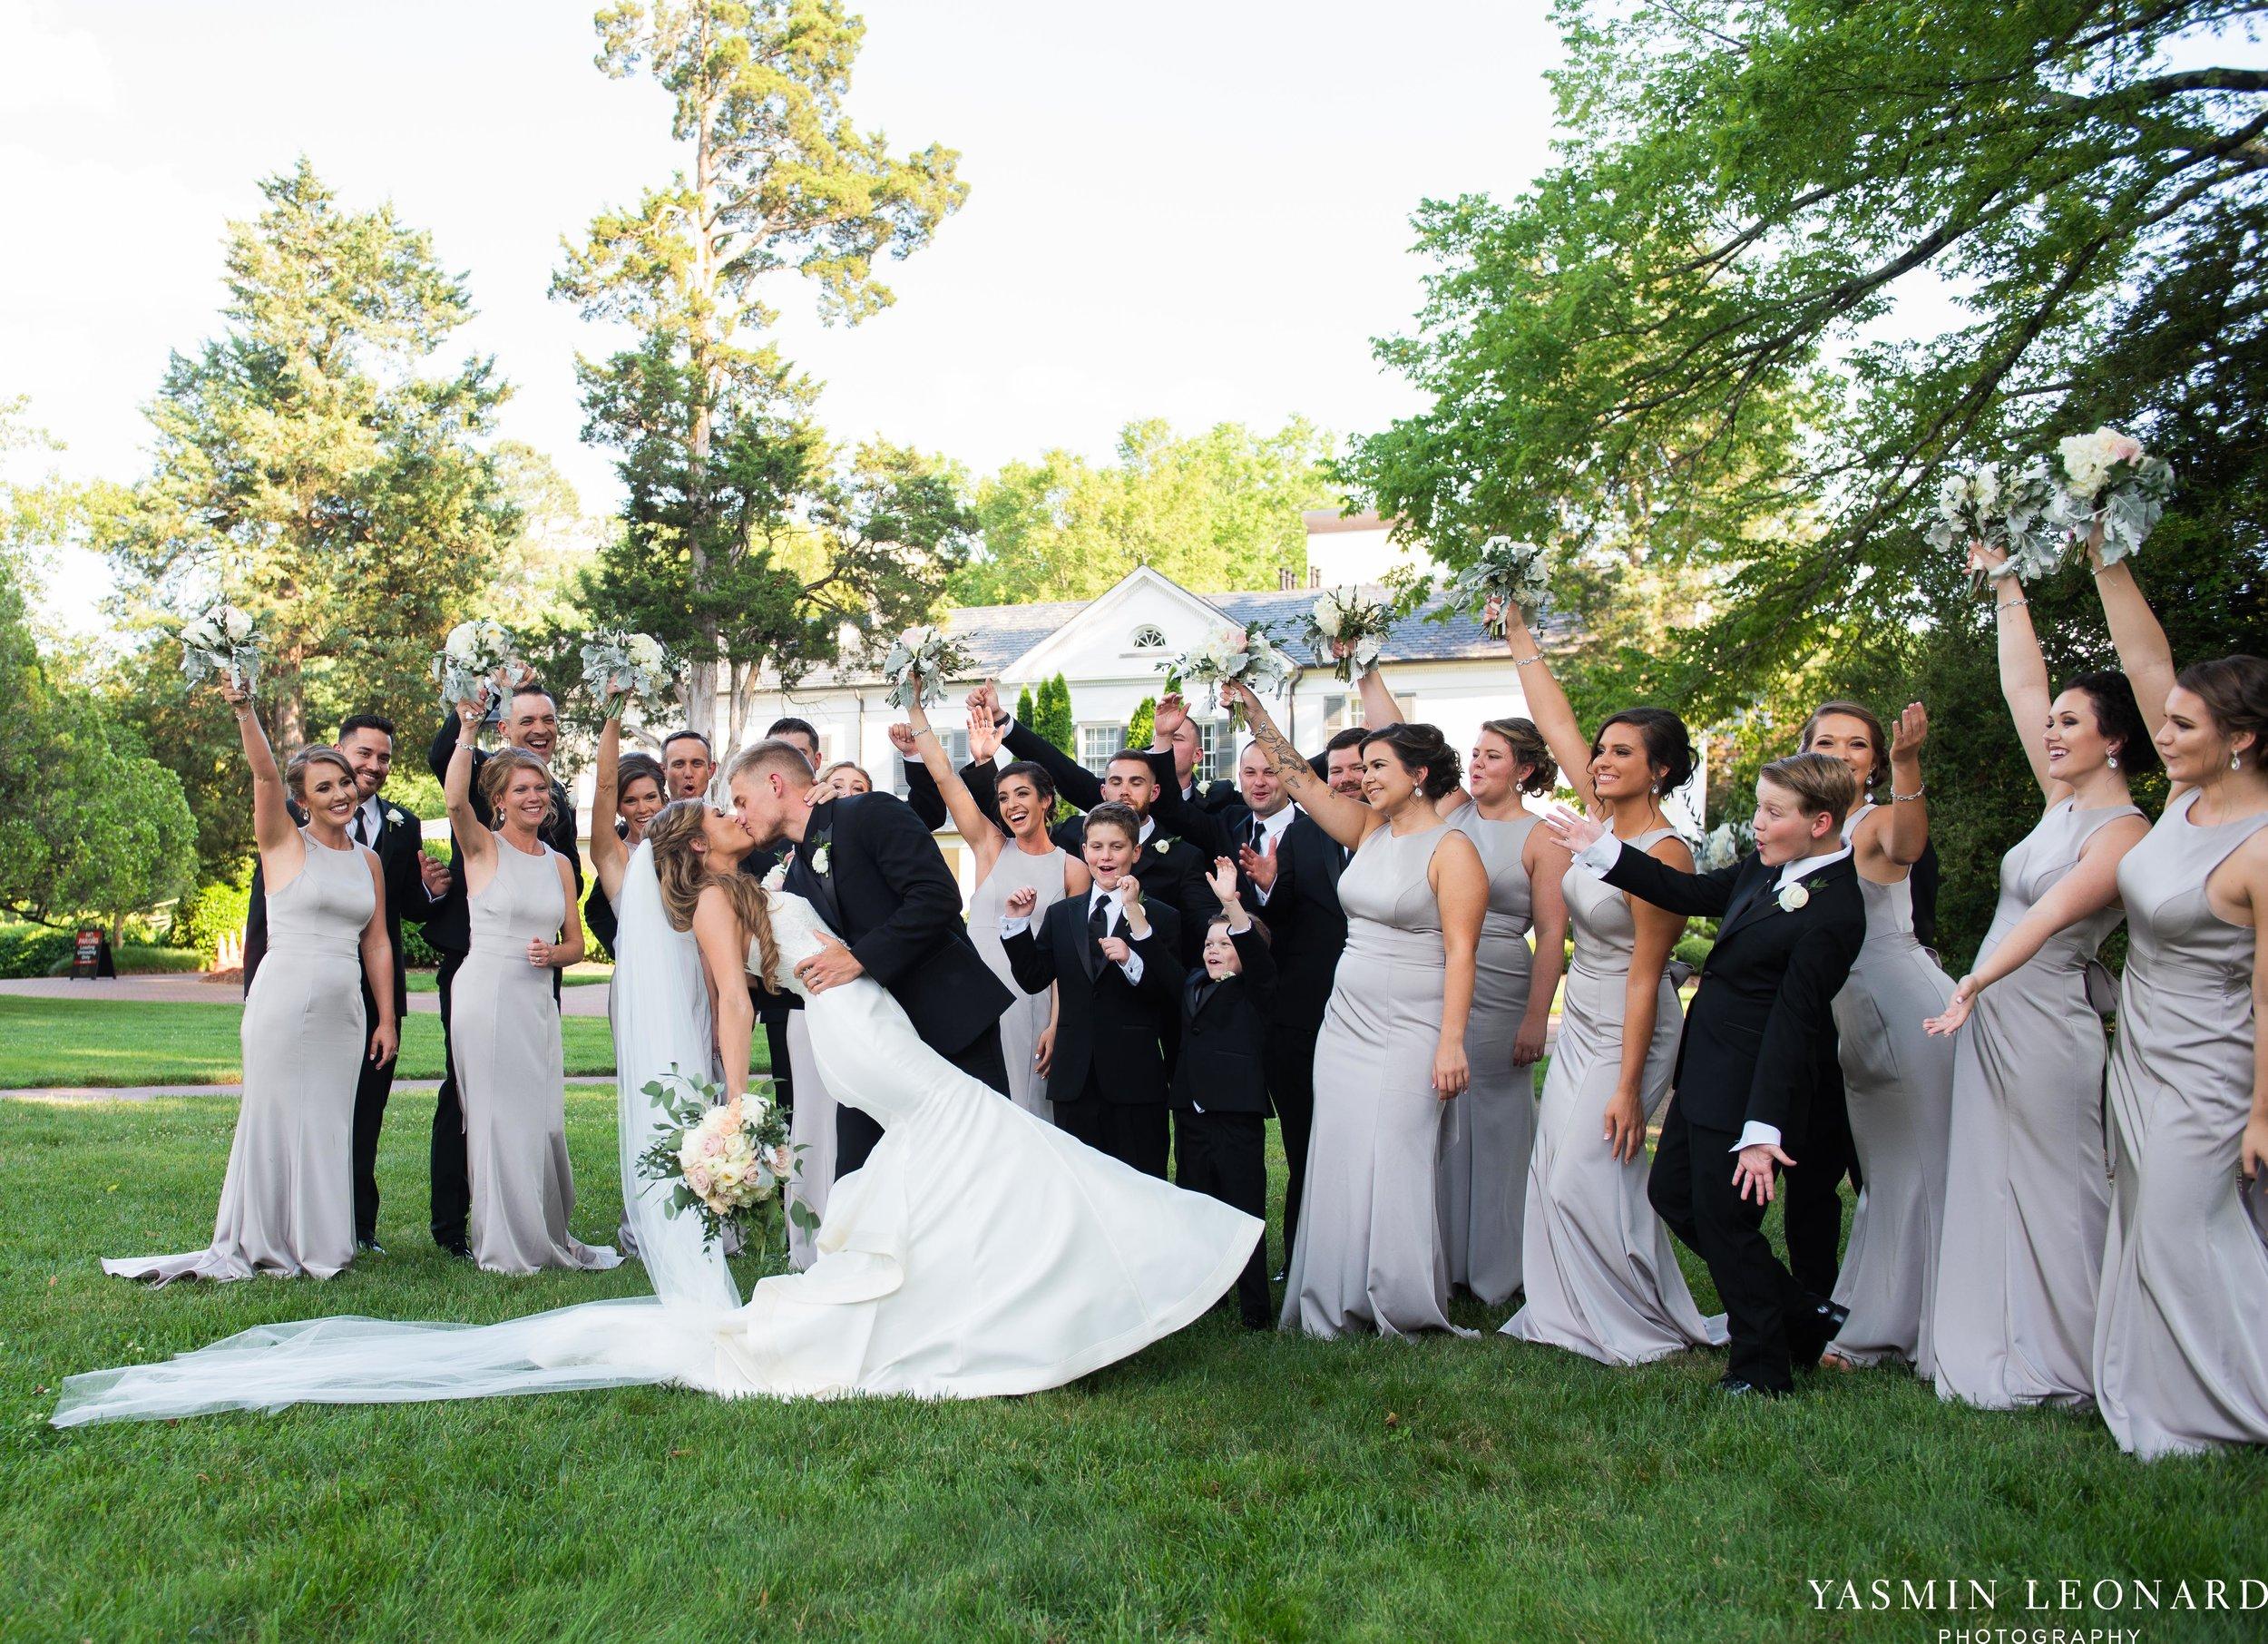 Boxwood Estate - Boxwood Estate Wedding - Luxury Wedding - Black and White Wedding - NC Wedding Venues - NC Weddings - NC Photographer - Lantern Release Grand Exit - Large Wedding Party - Yasmin Leonard Photography-37.jpg